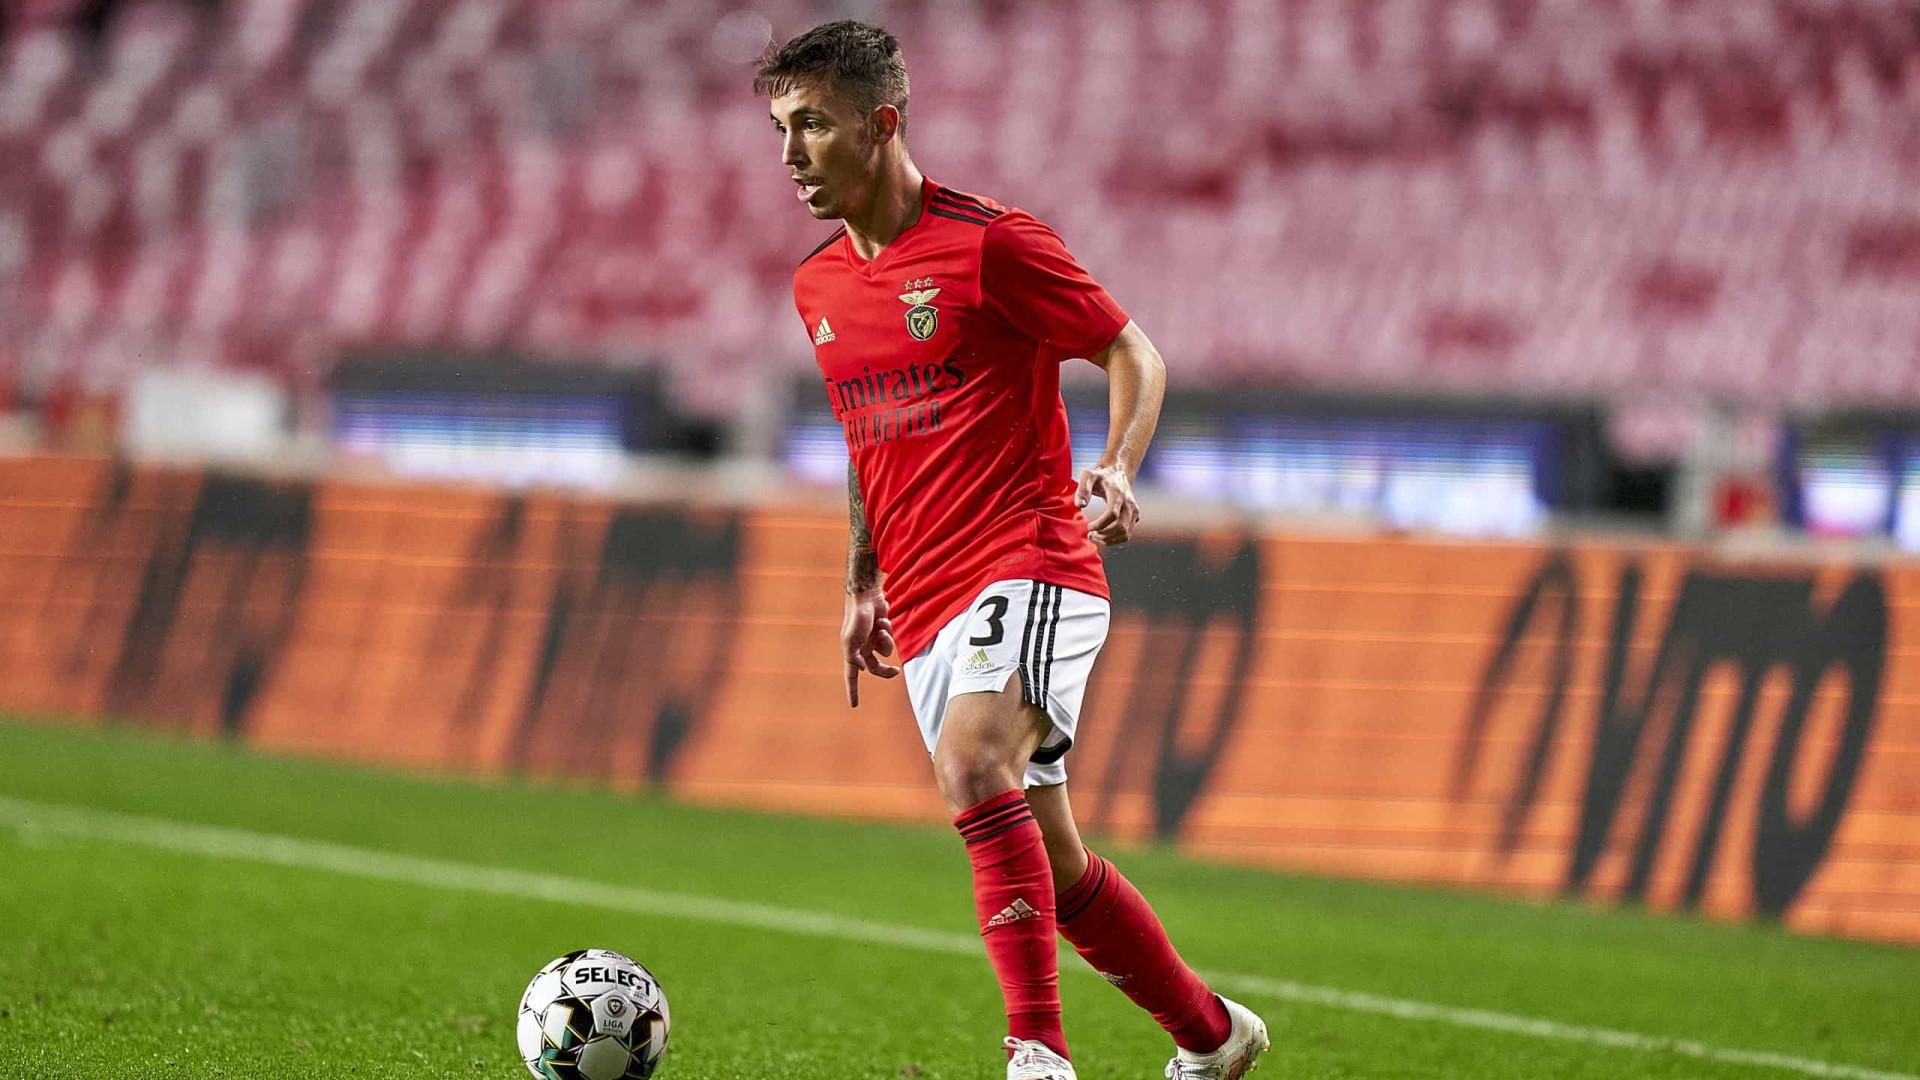 Espanhóis garantem que Lazio está a negociar contratação de Grimaldo